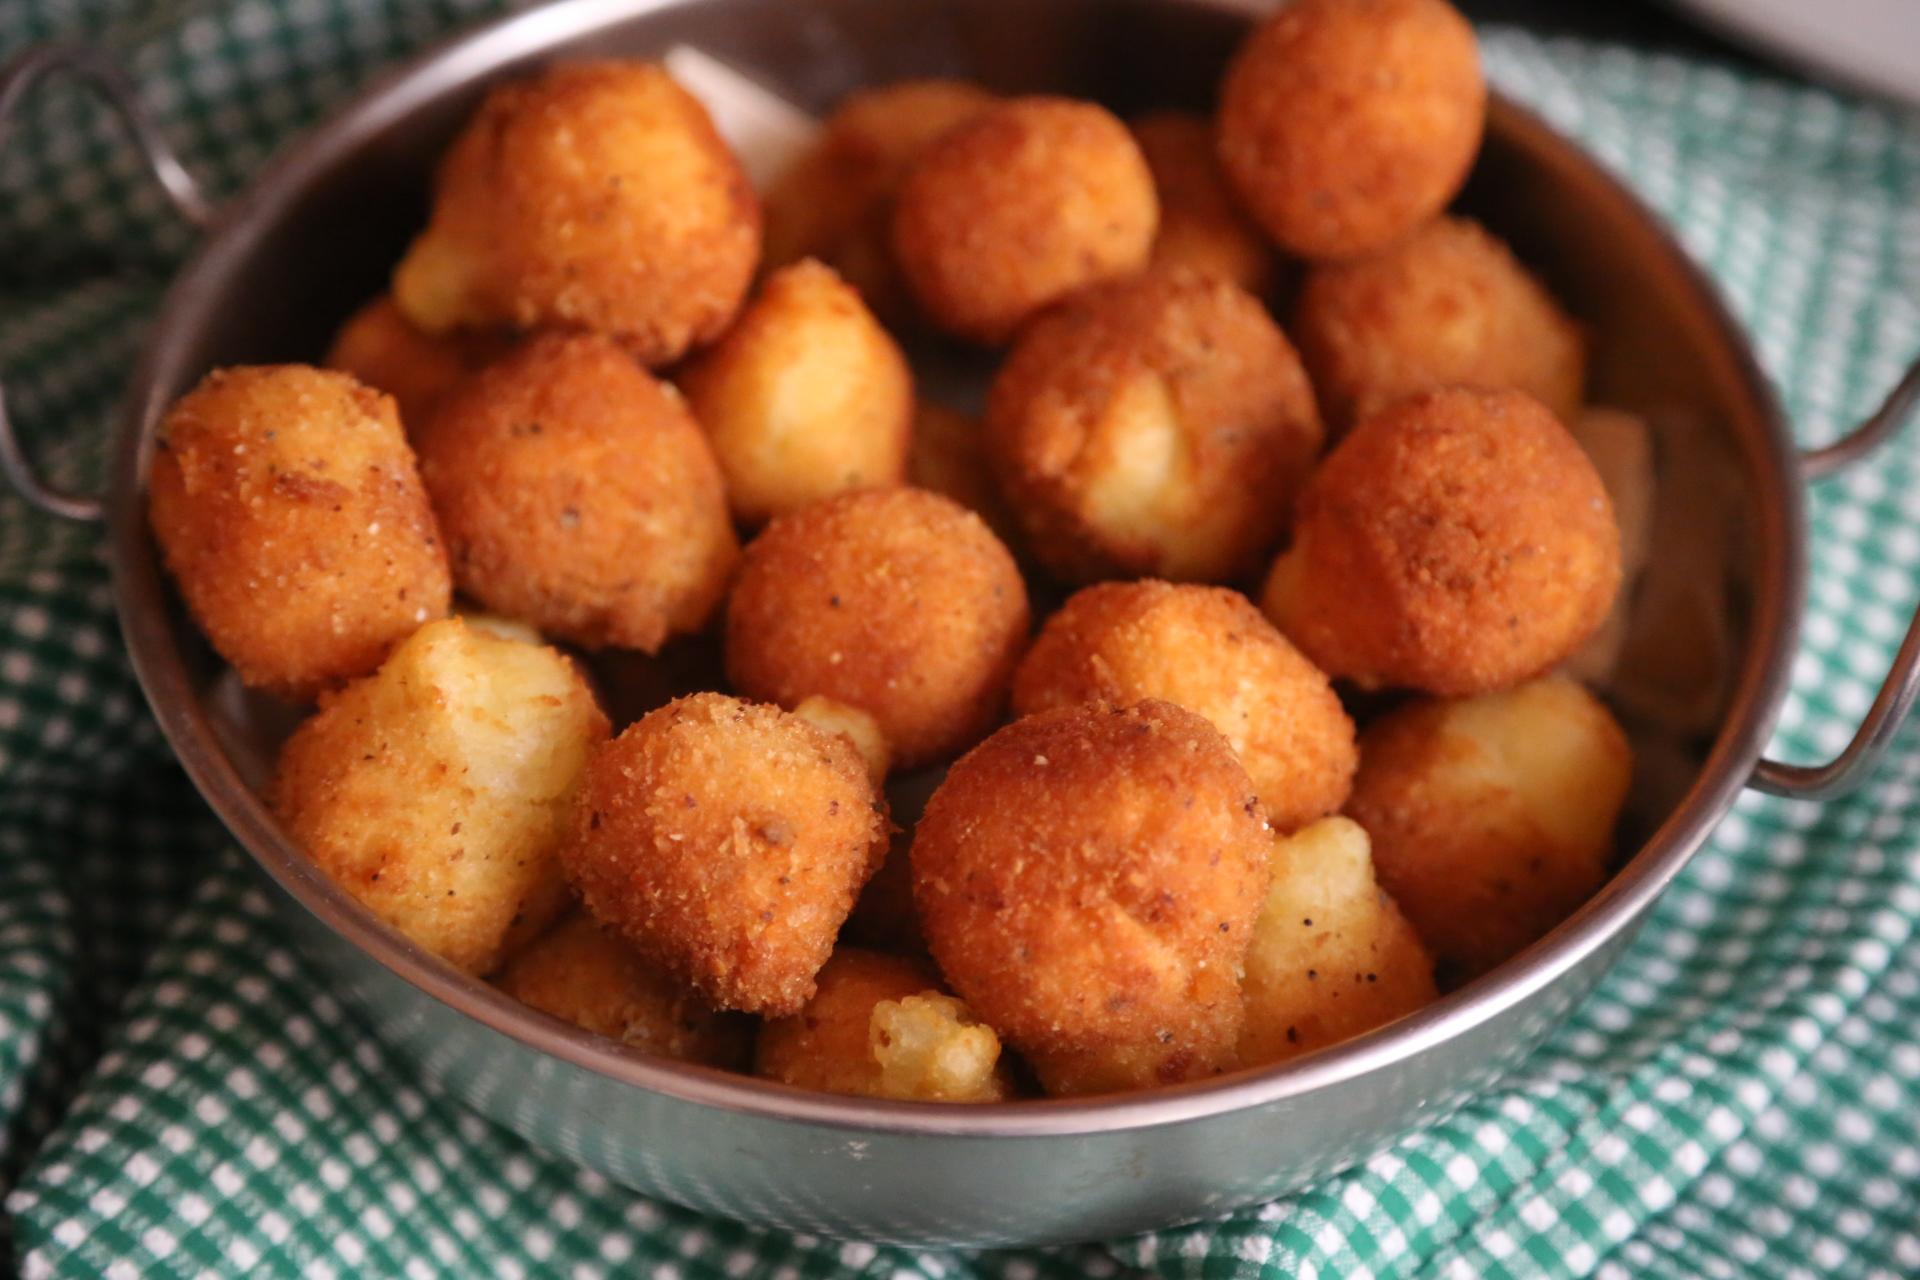 ziemniaki z oleju